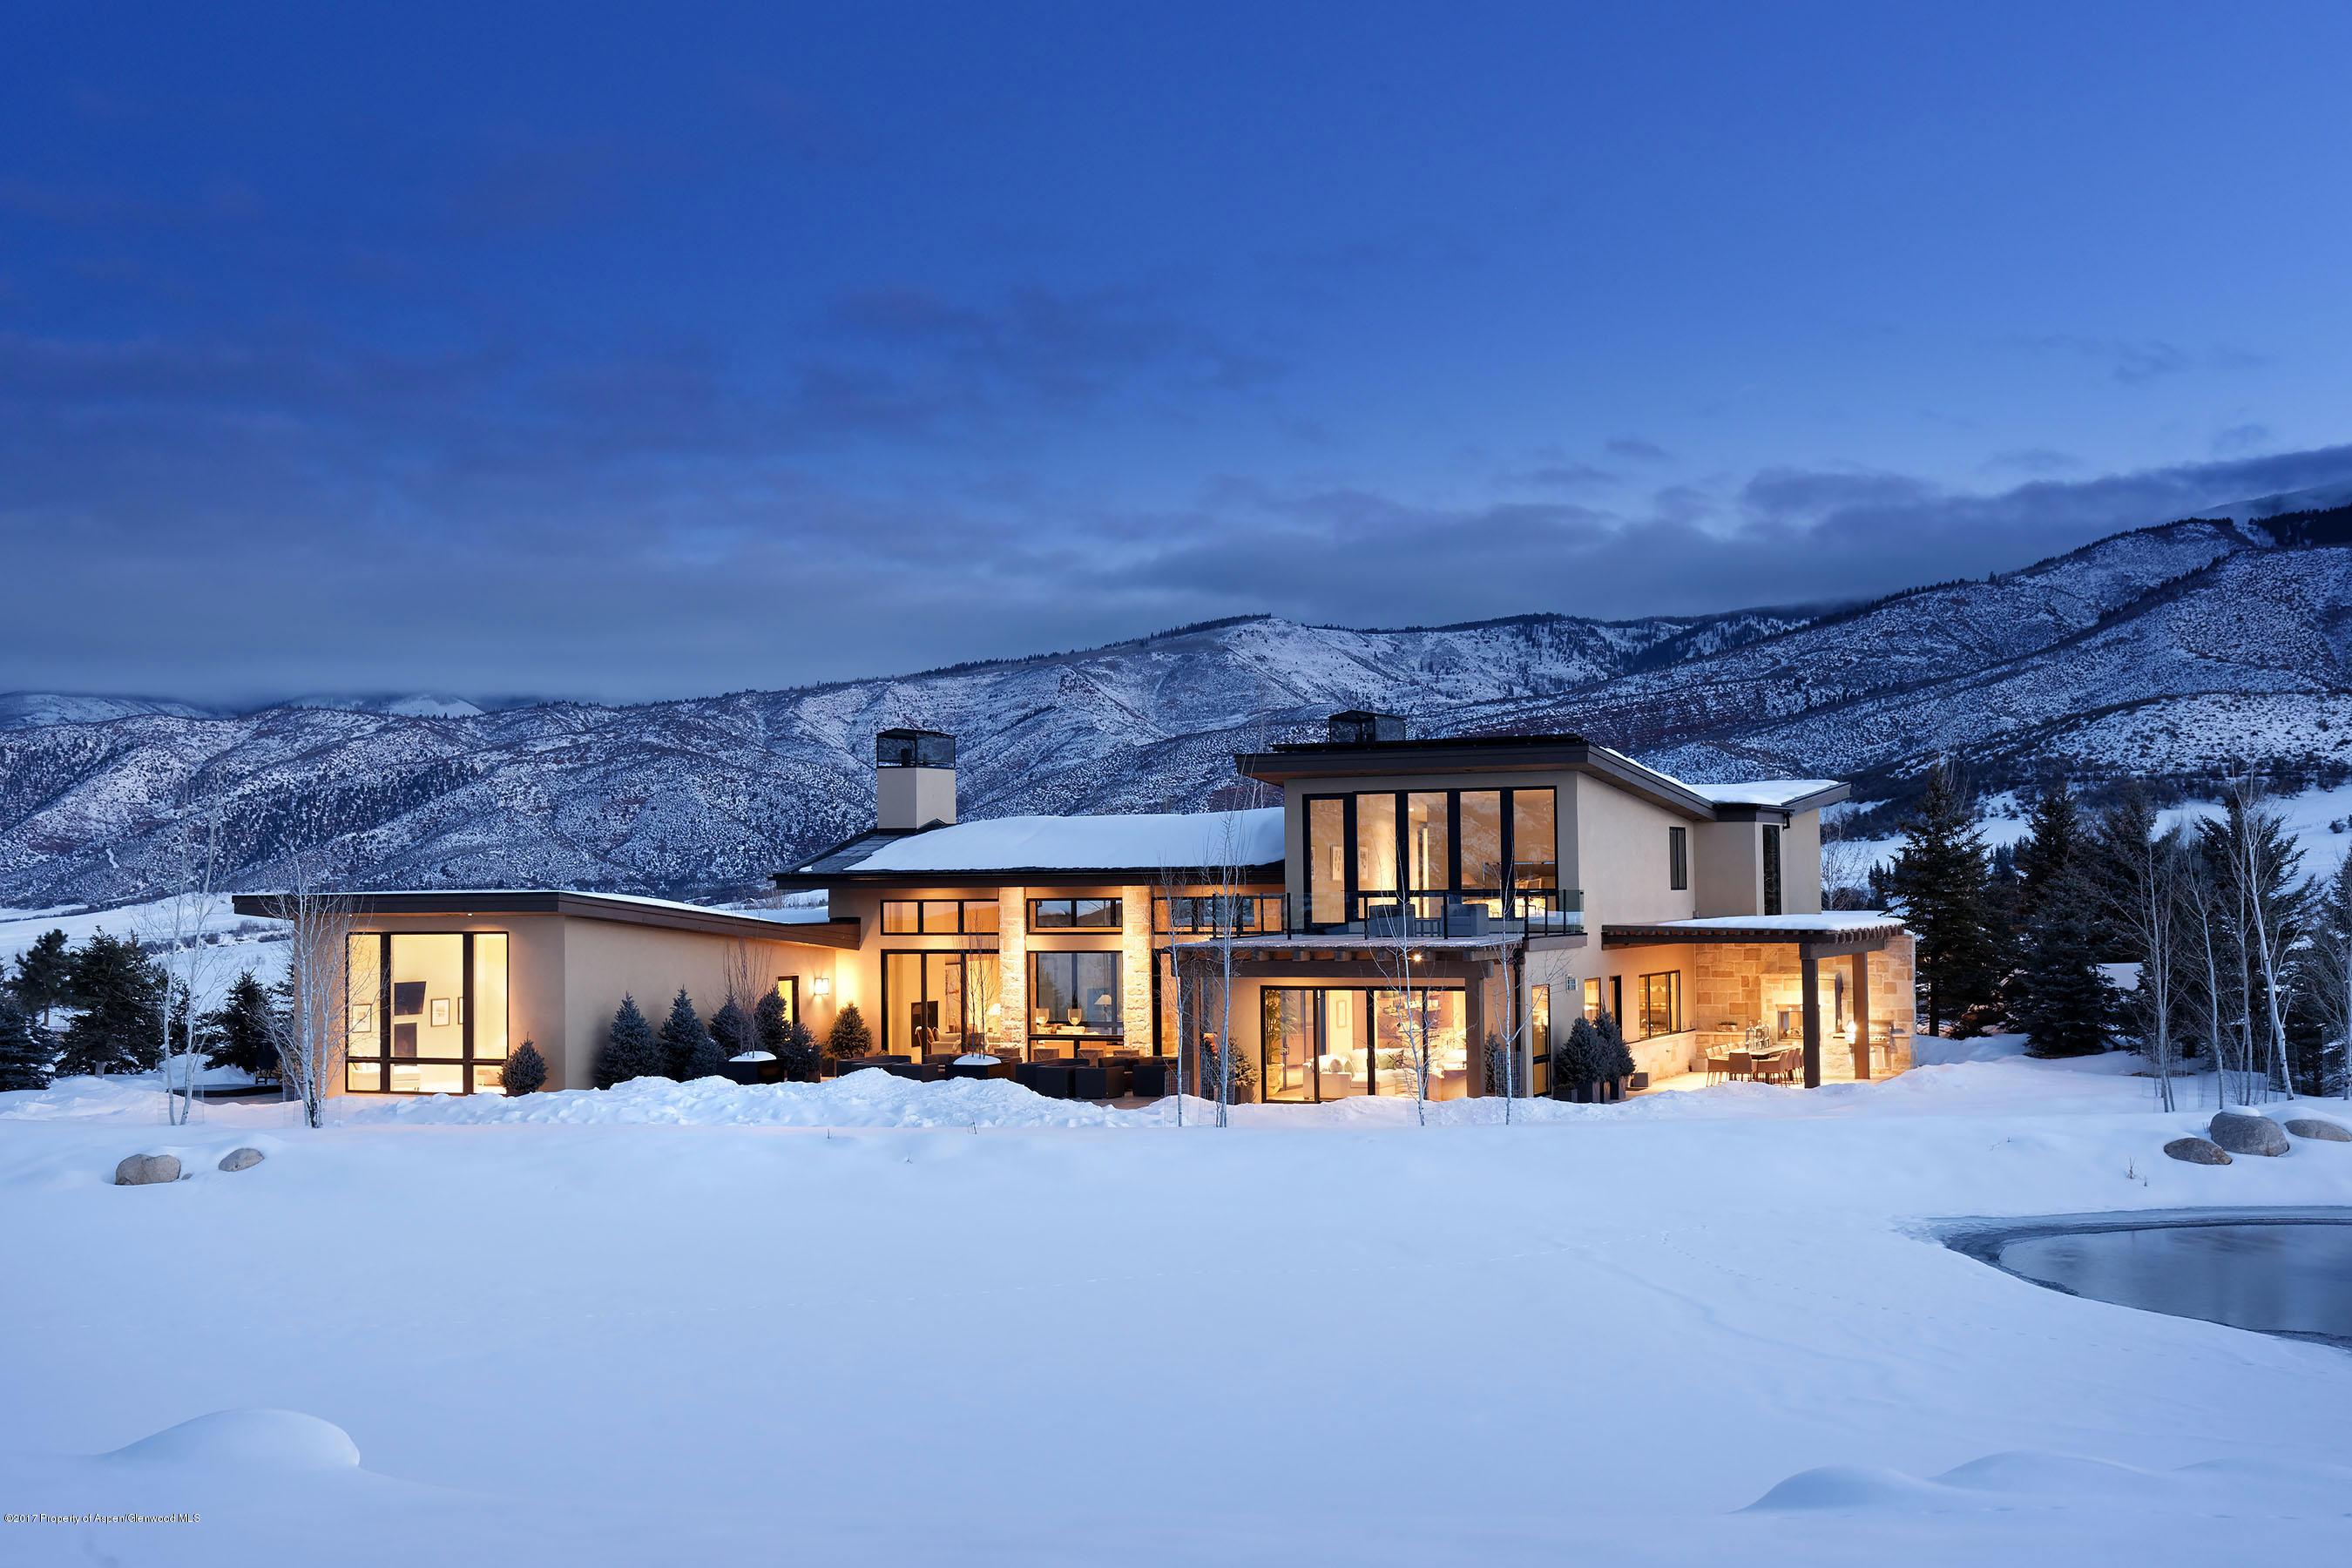 51 White Star Drive - Aspen, Colorado